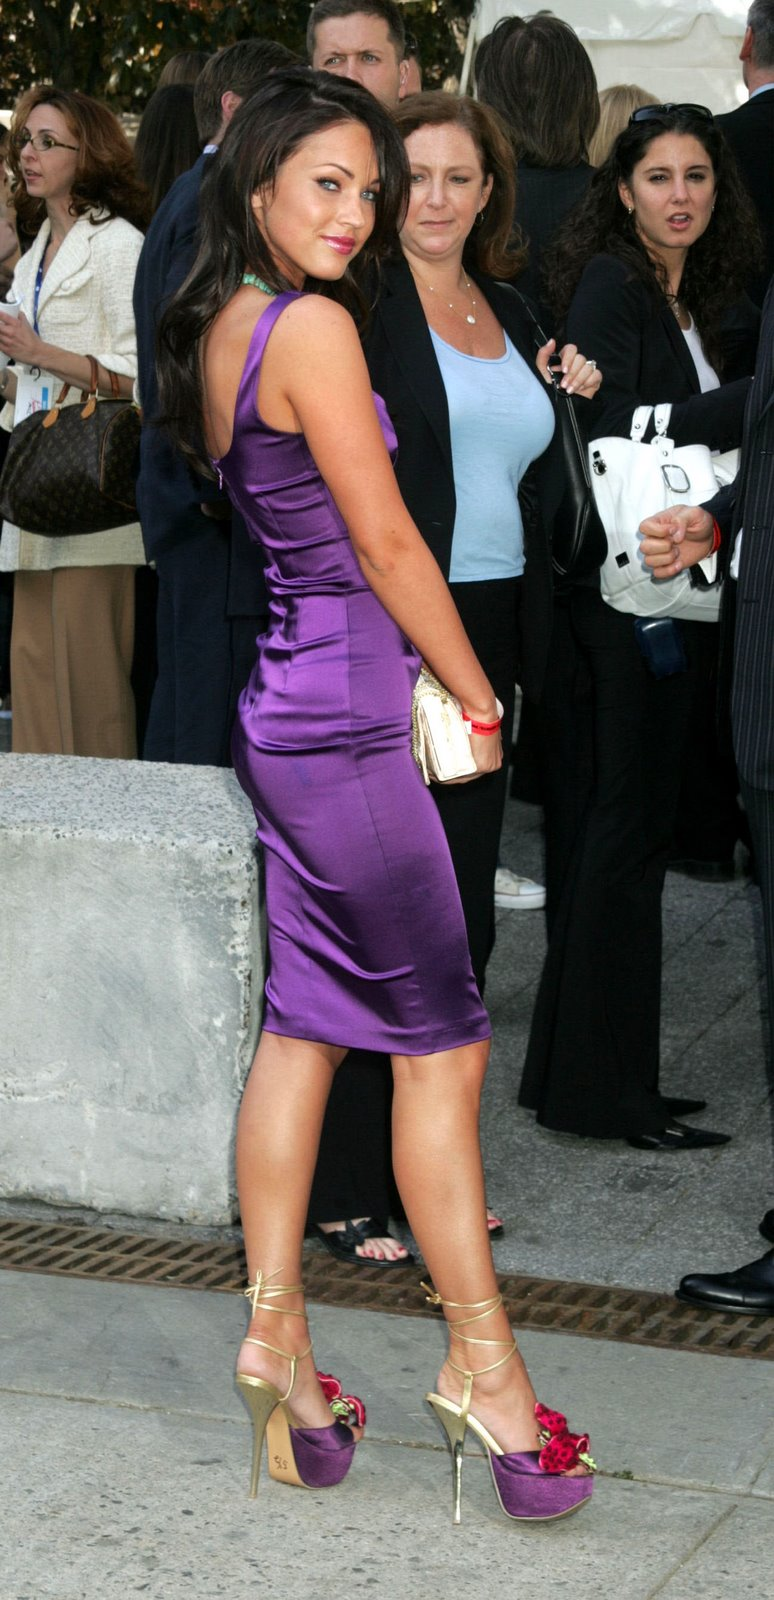 f43347279b9 Megan Fox – Purple Platform Heels To Die For | Celebrity High Heels ...